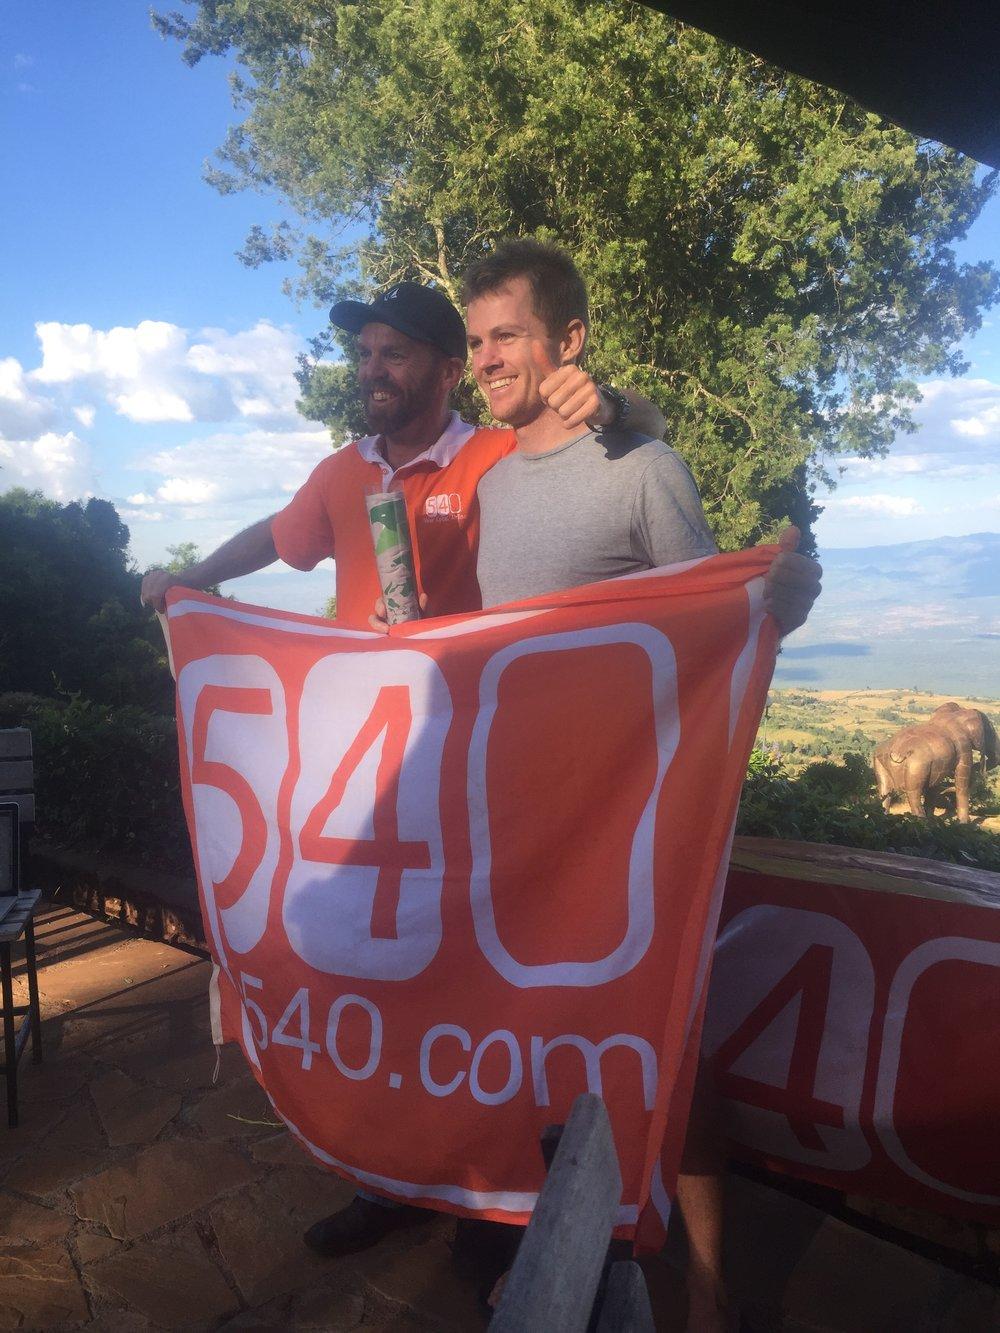 Organiser Simon Blake (left) and Mens winner Peter Horsey (right).